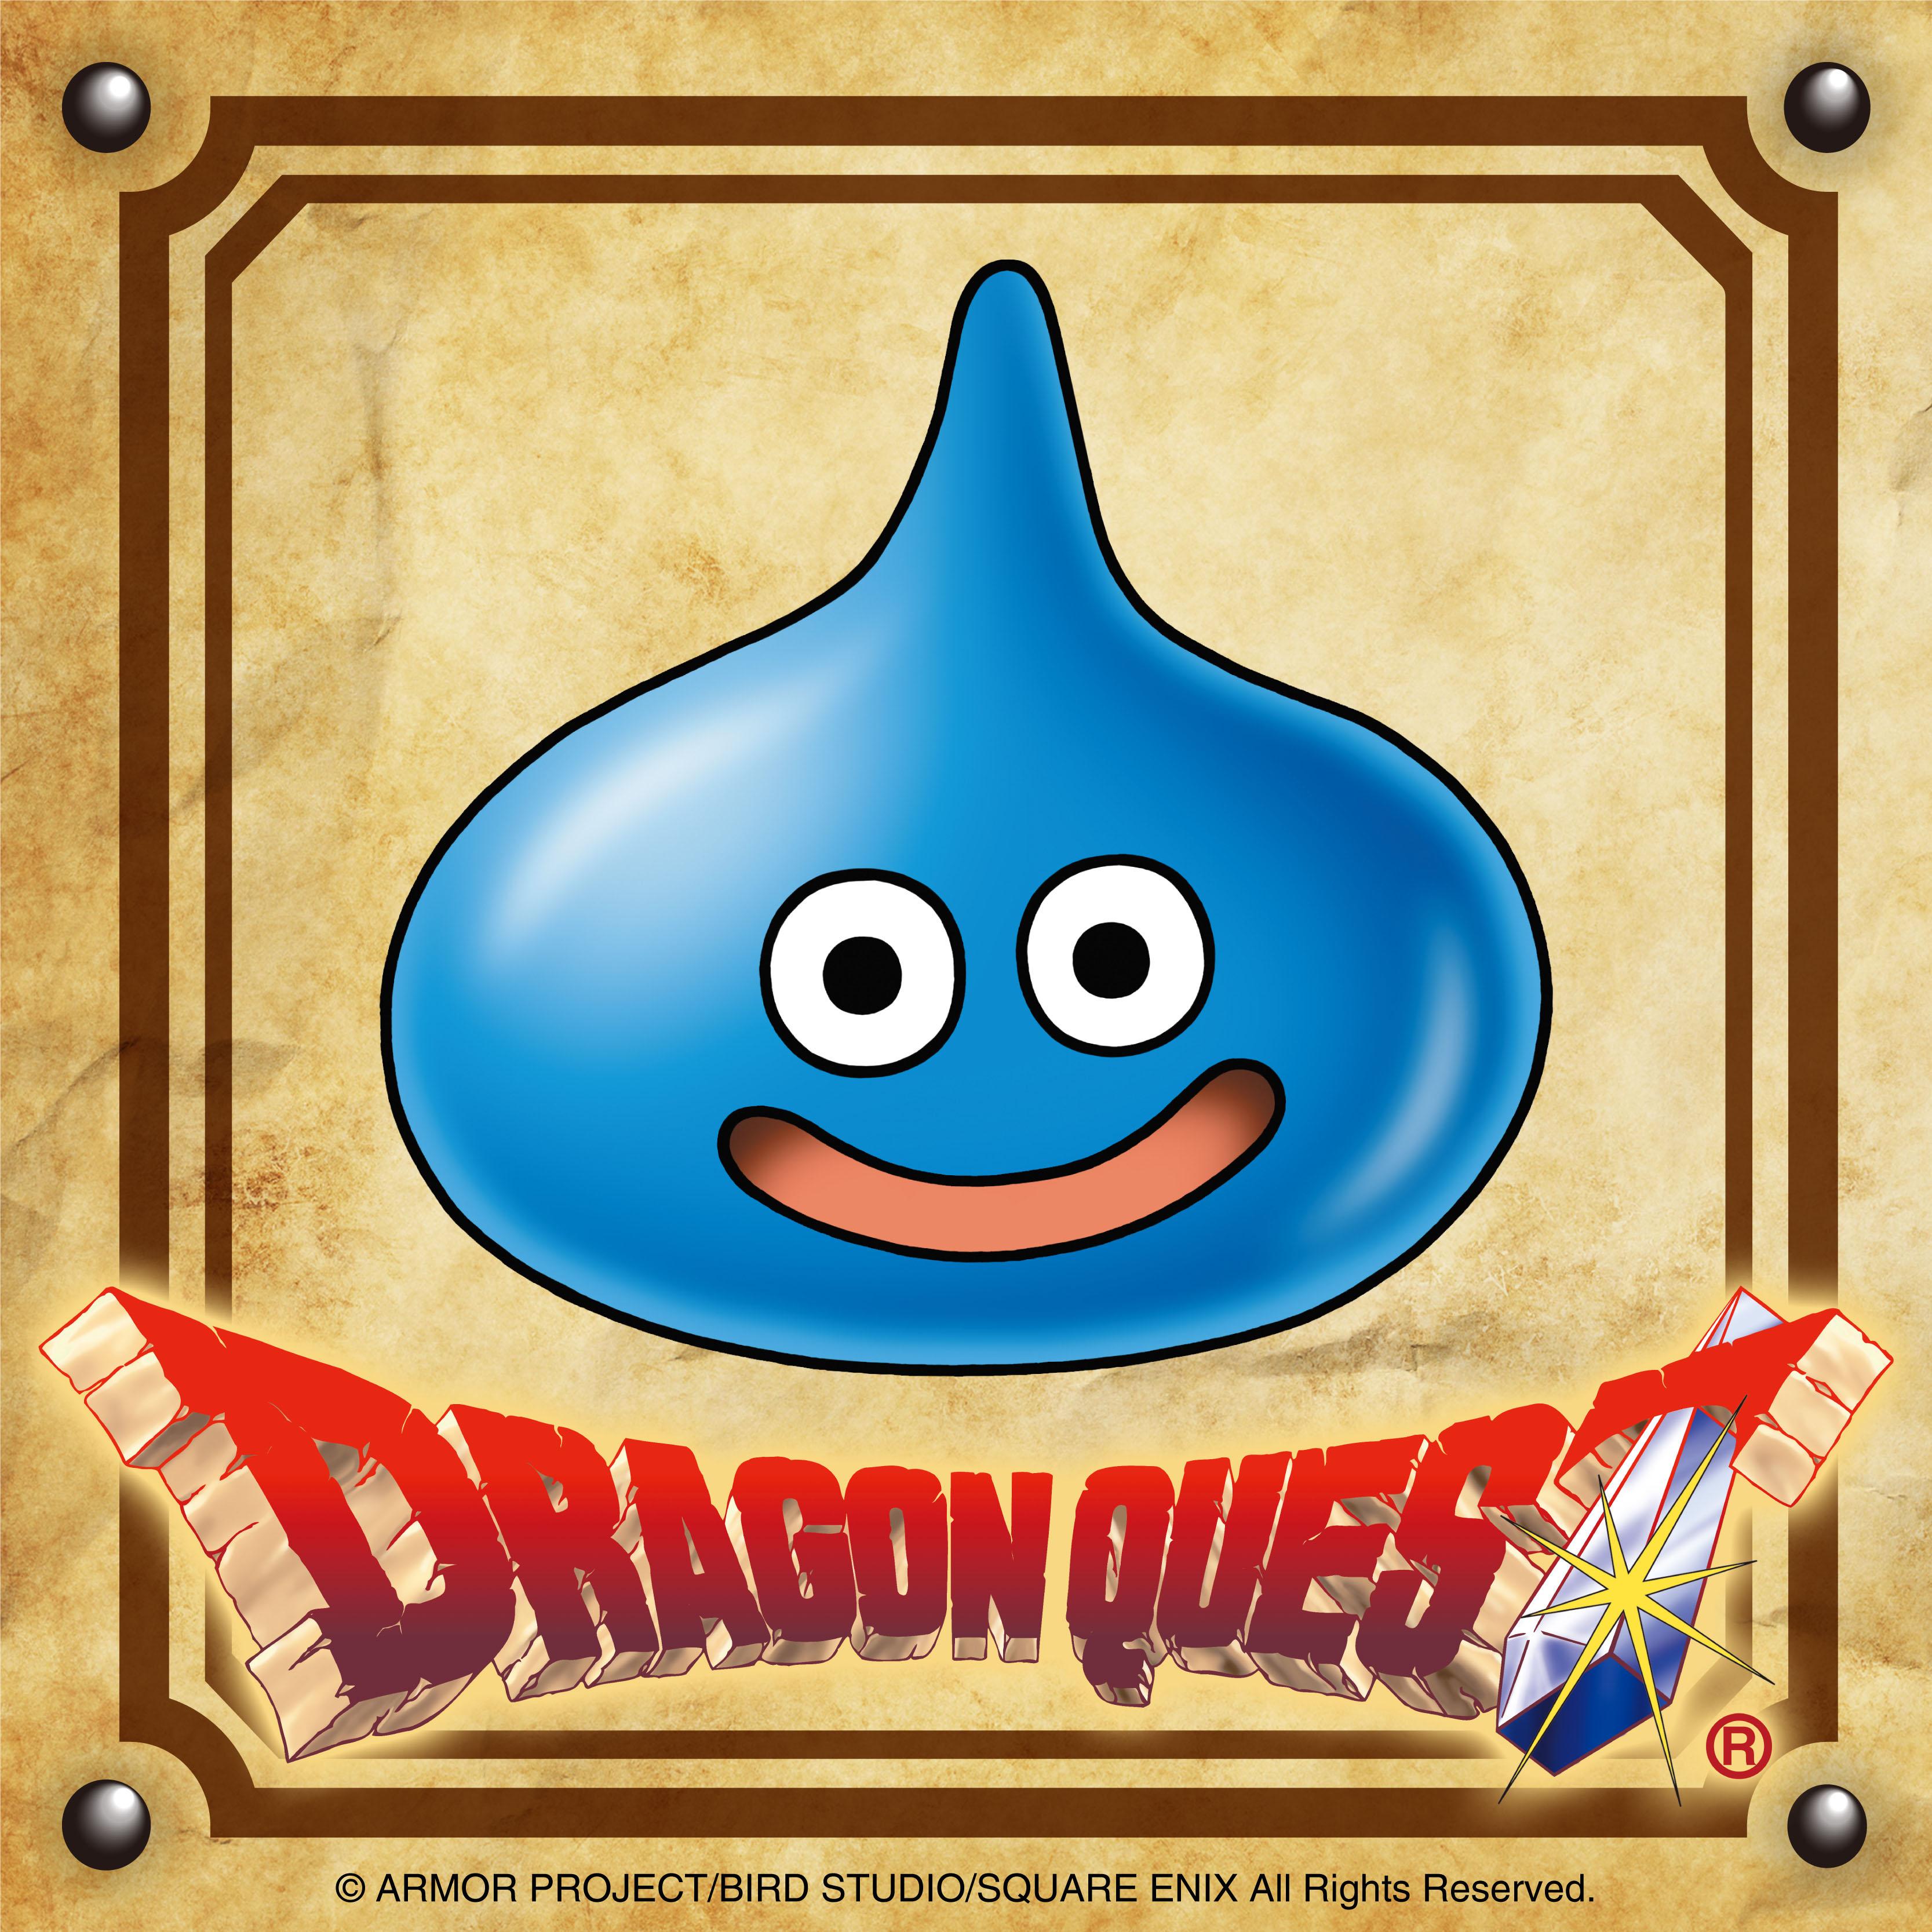 「ドラゴンクエスト」のプライズが続々登場! 1月登場プライズを公開!